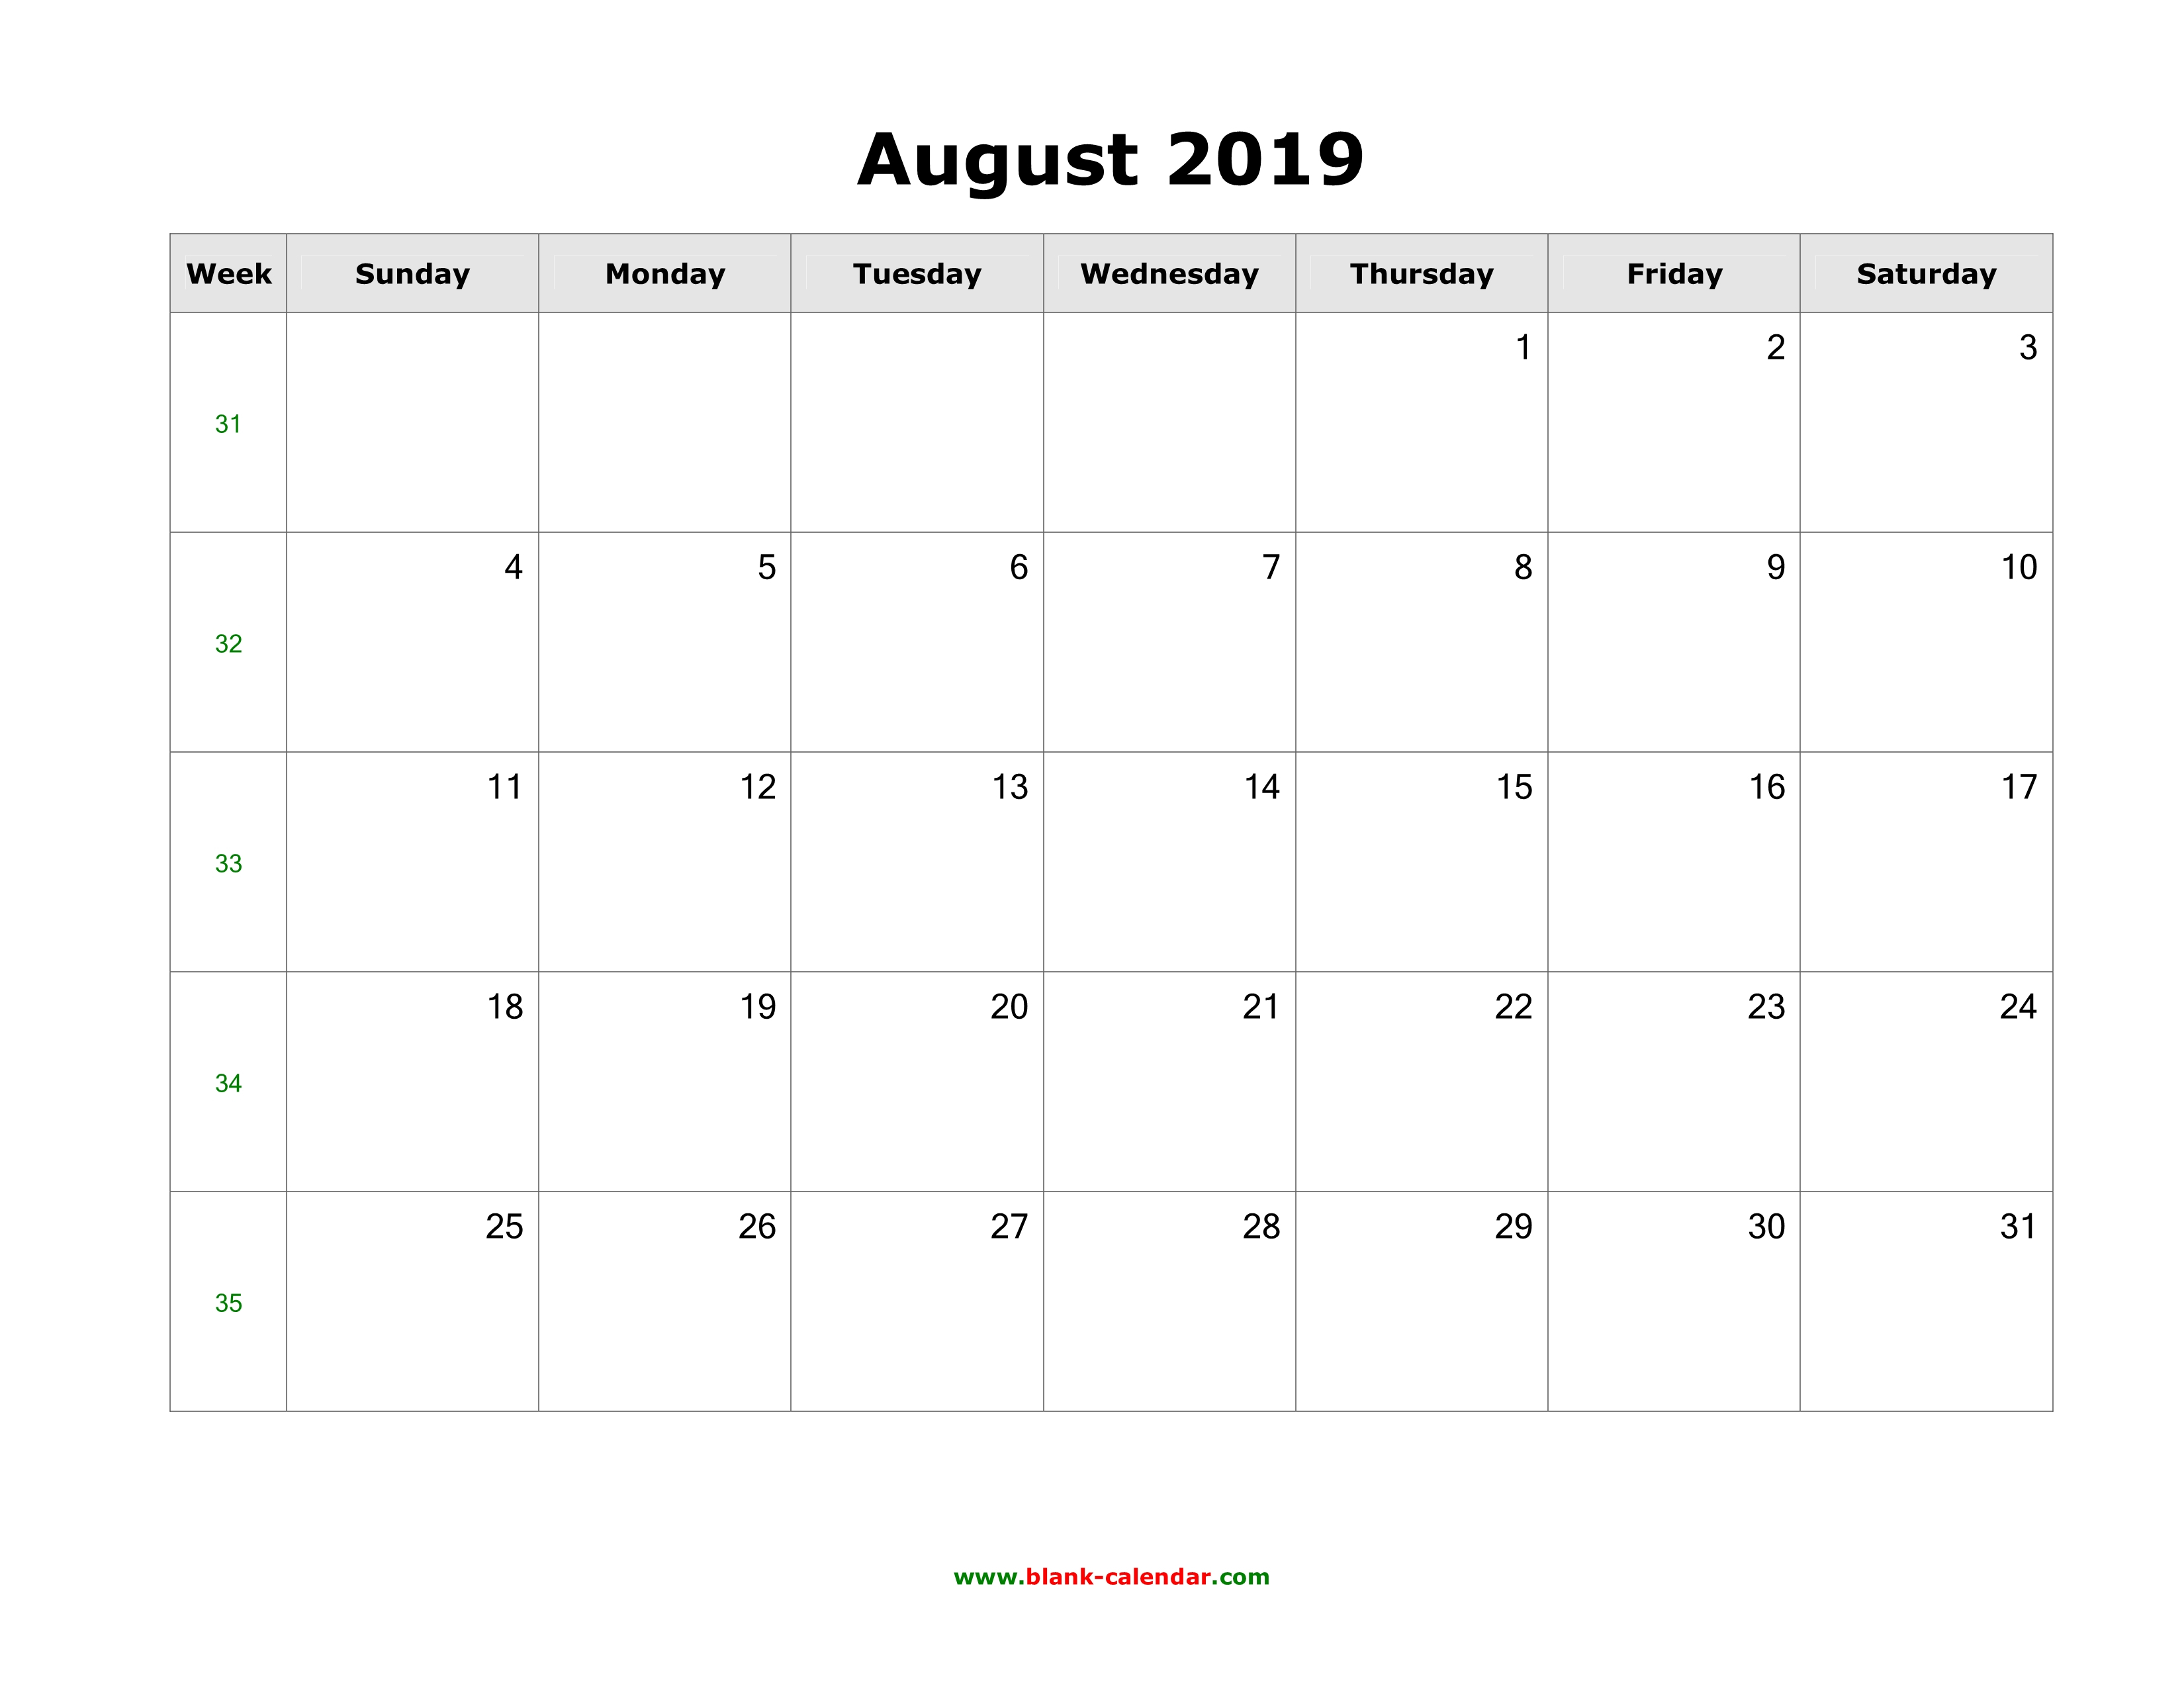 August 2019 Blank Calendar | Free Download Calendar Templates